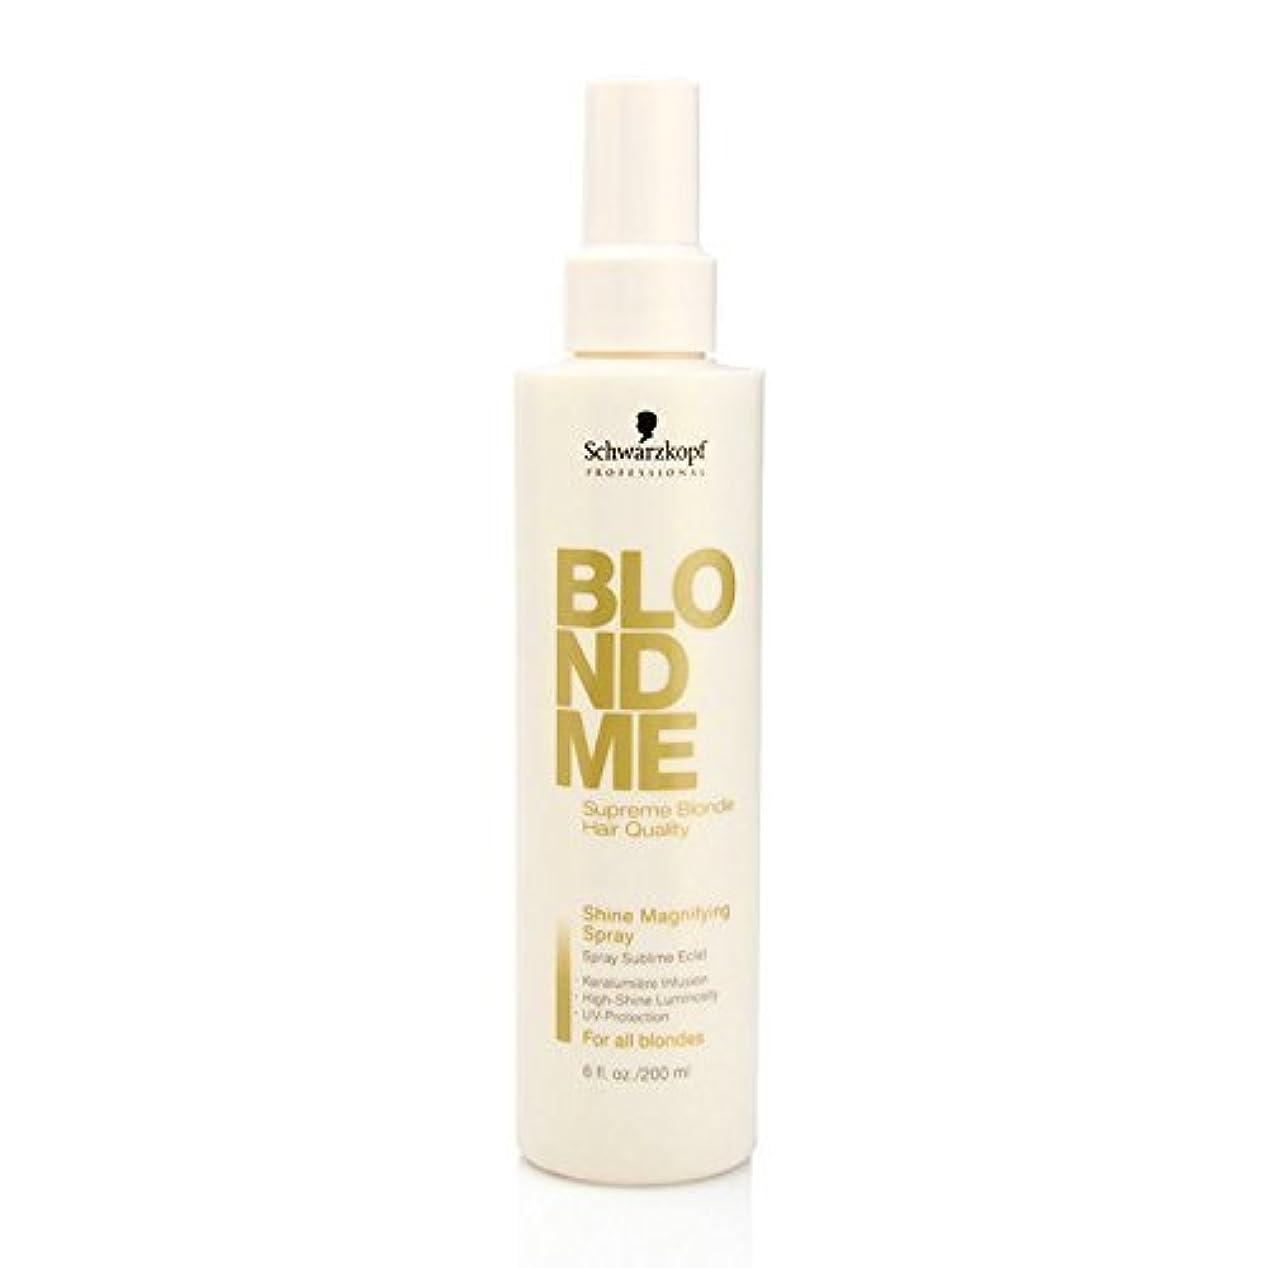 アナリストスパイラル反響するby Blondme SHINE MAGINYING SPARY 6 OZ by BLONDME